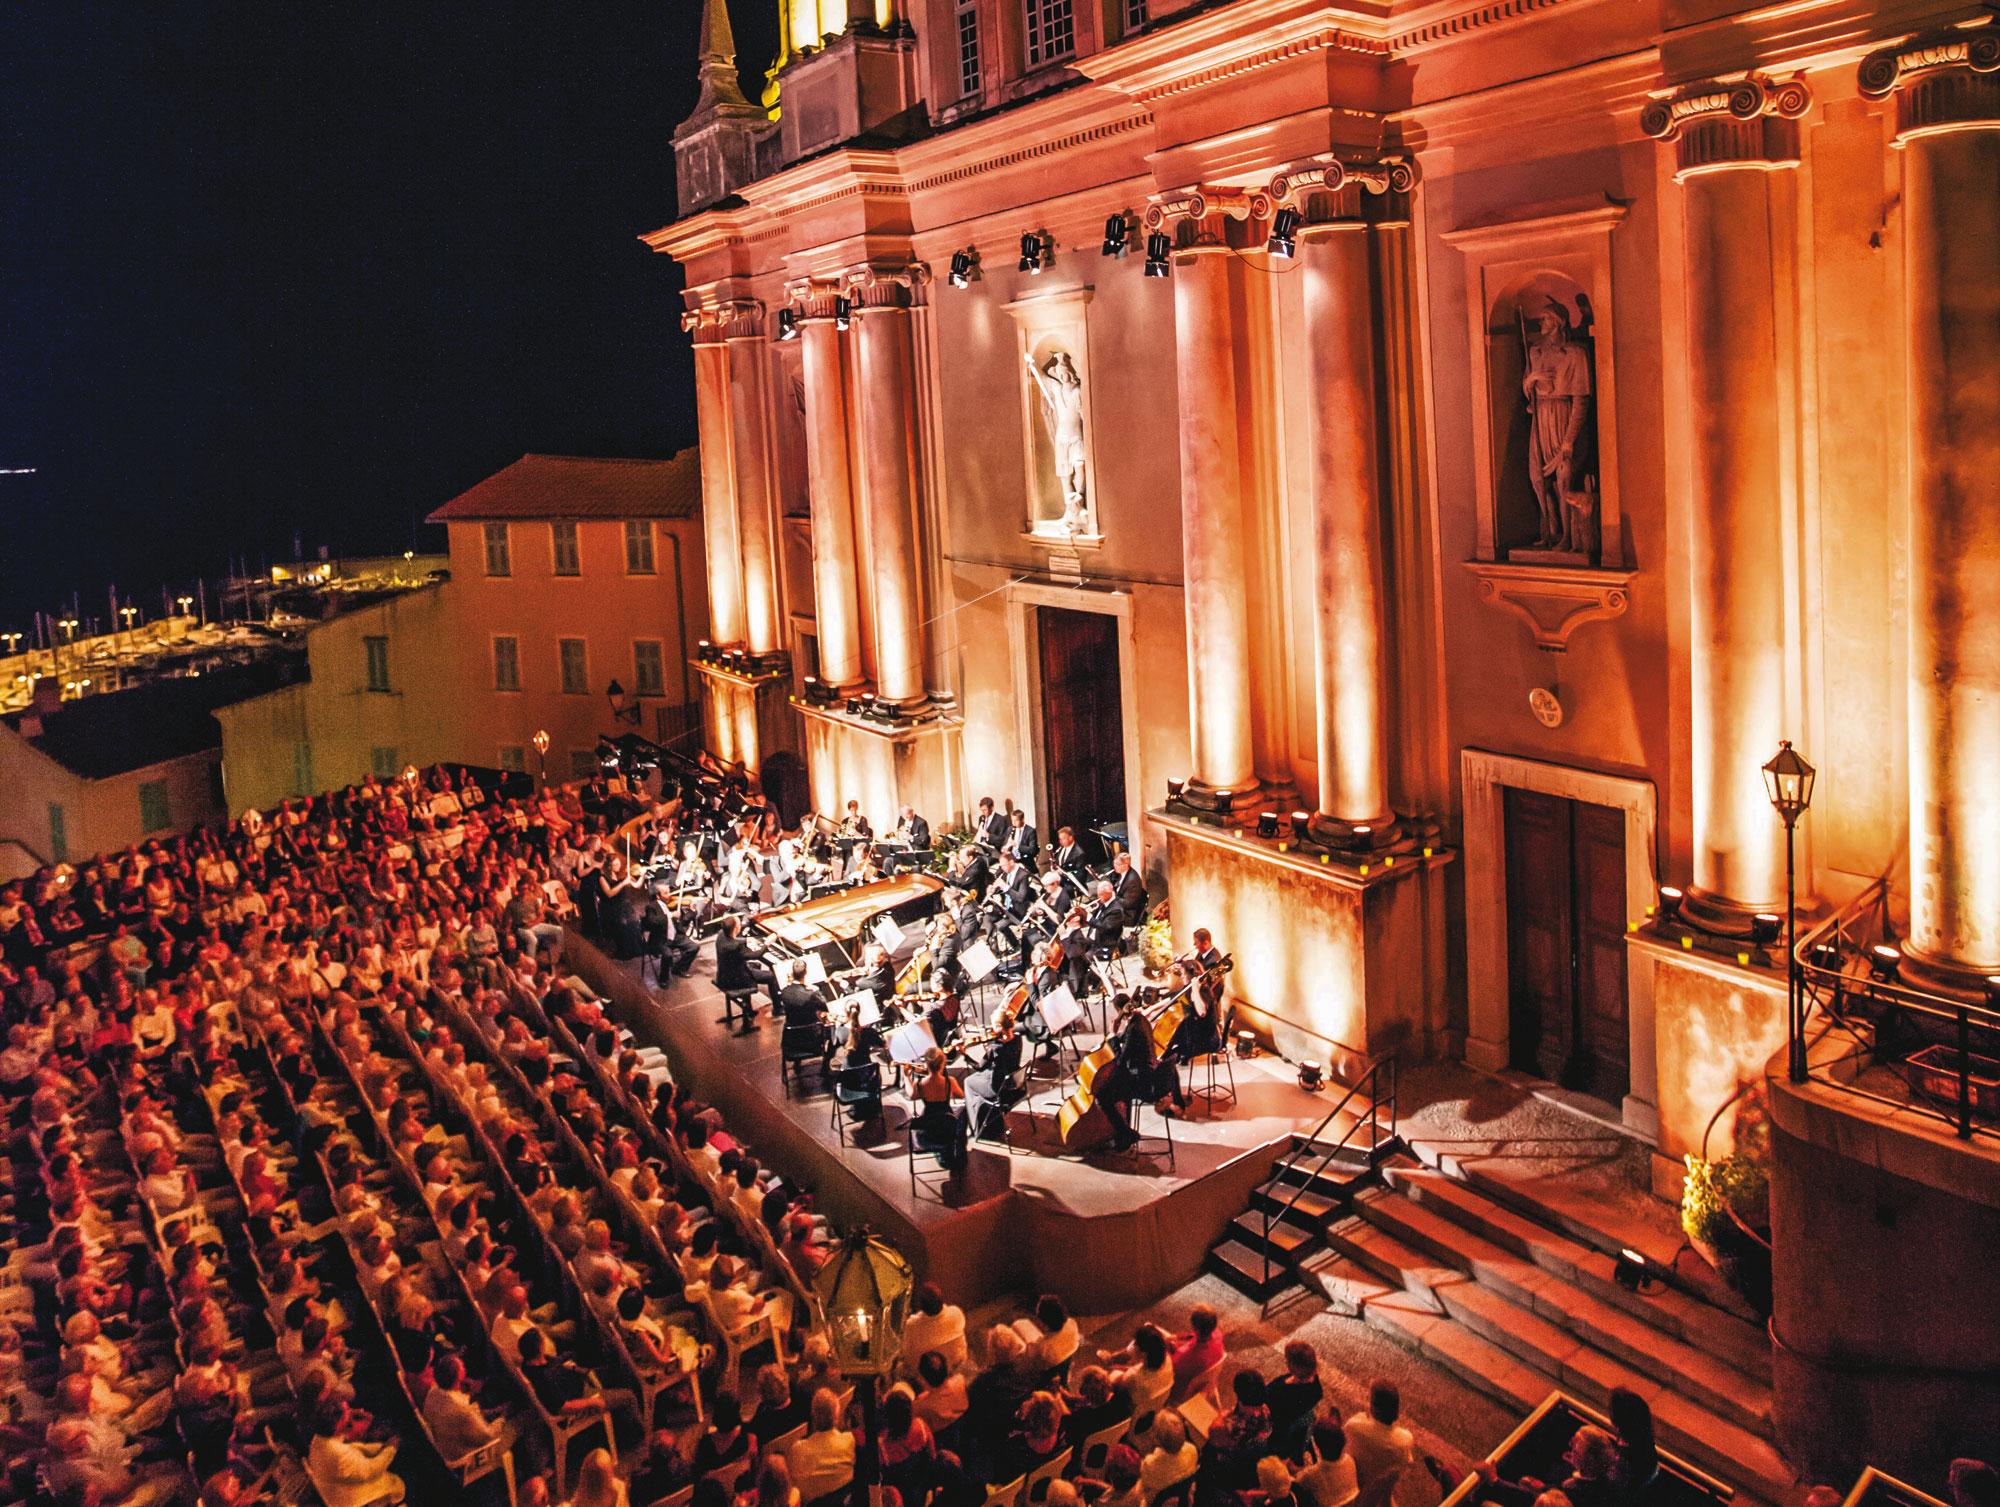 Festival de musique de Menton - Crédit Menton infos